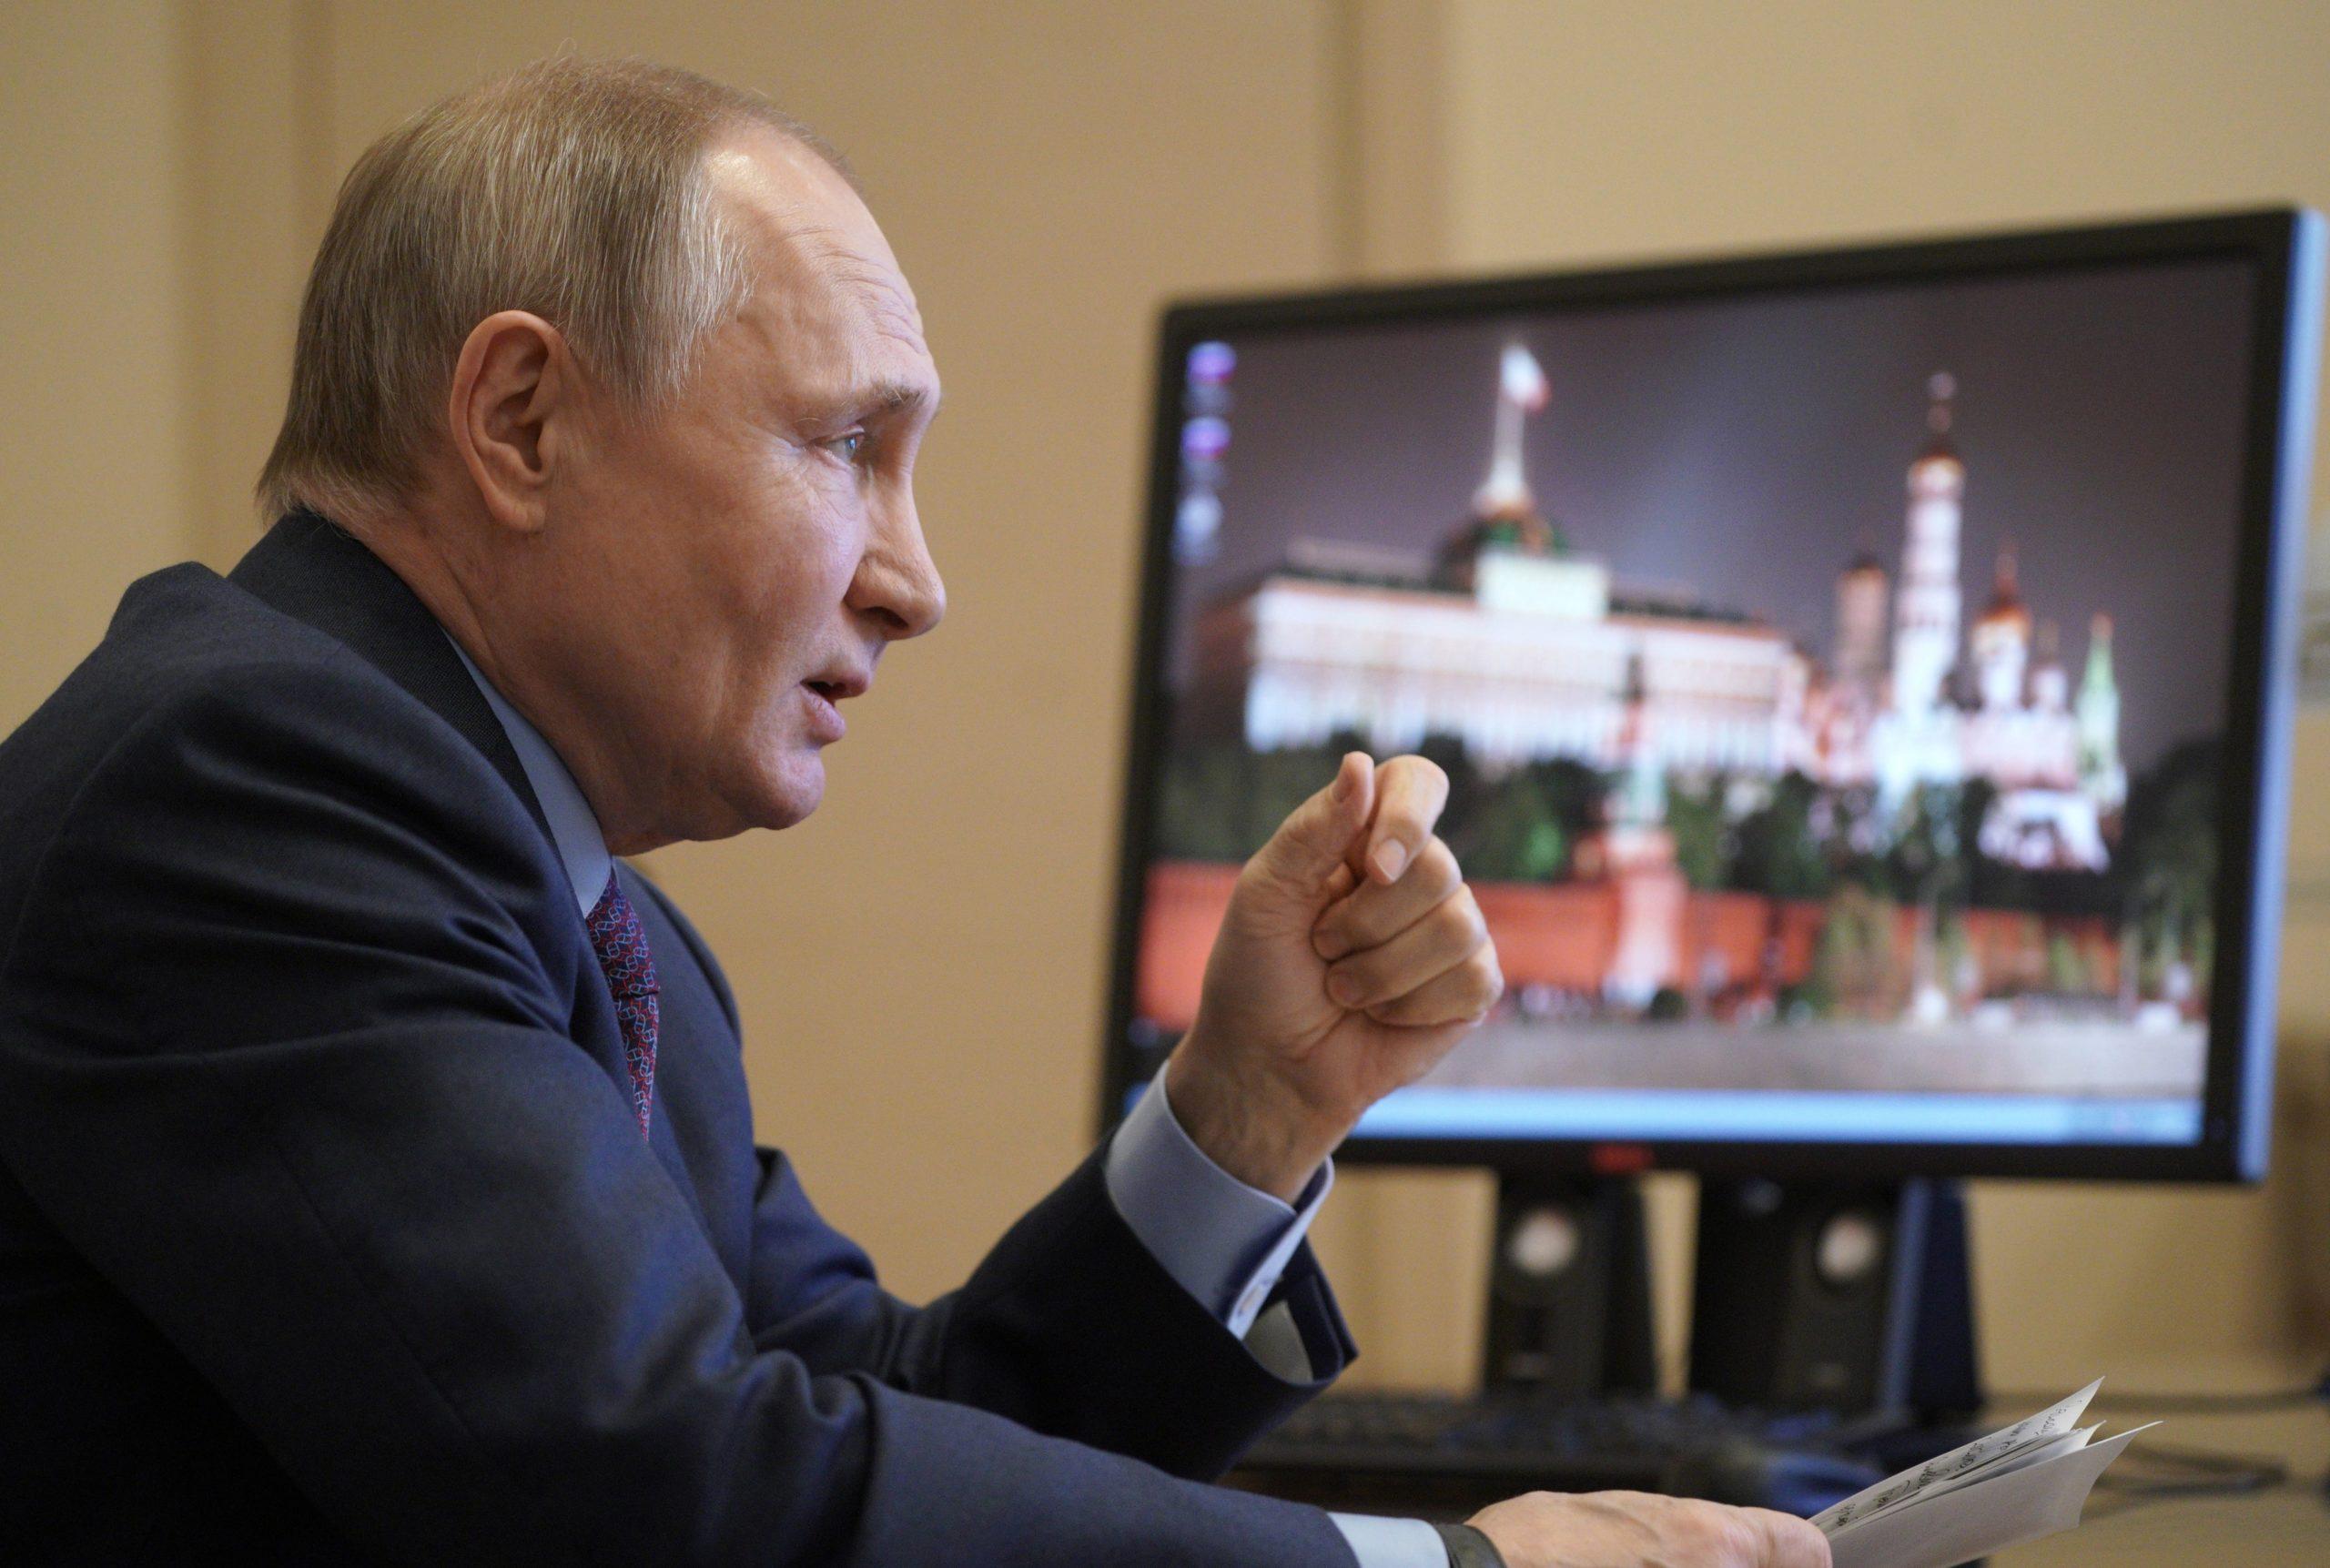 Нова провокація Росії: Кремль дозволить жителям окупованого Донбасу взяти участь у виборах до Держдуми